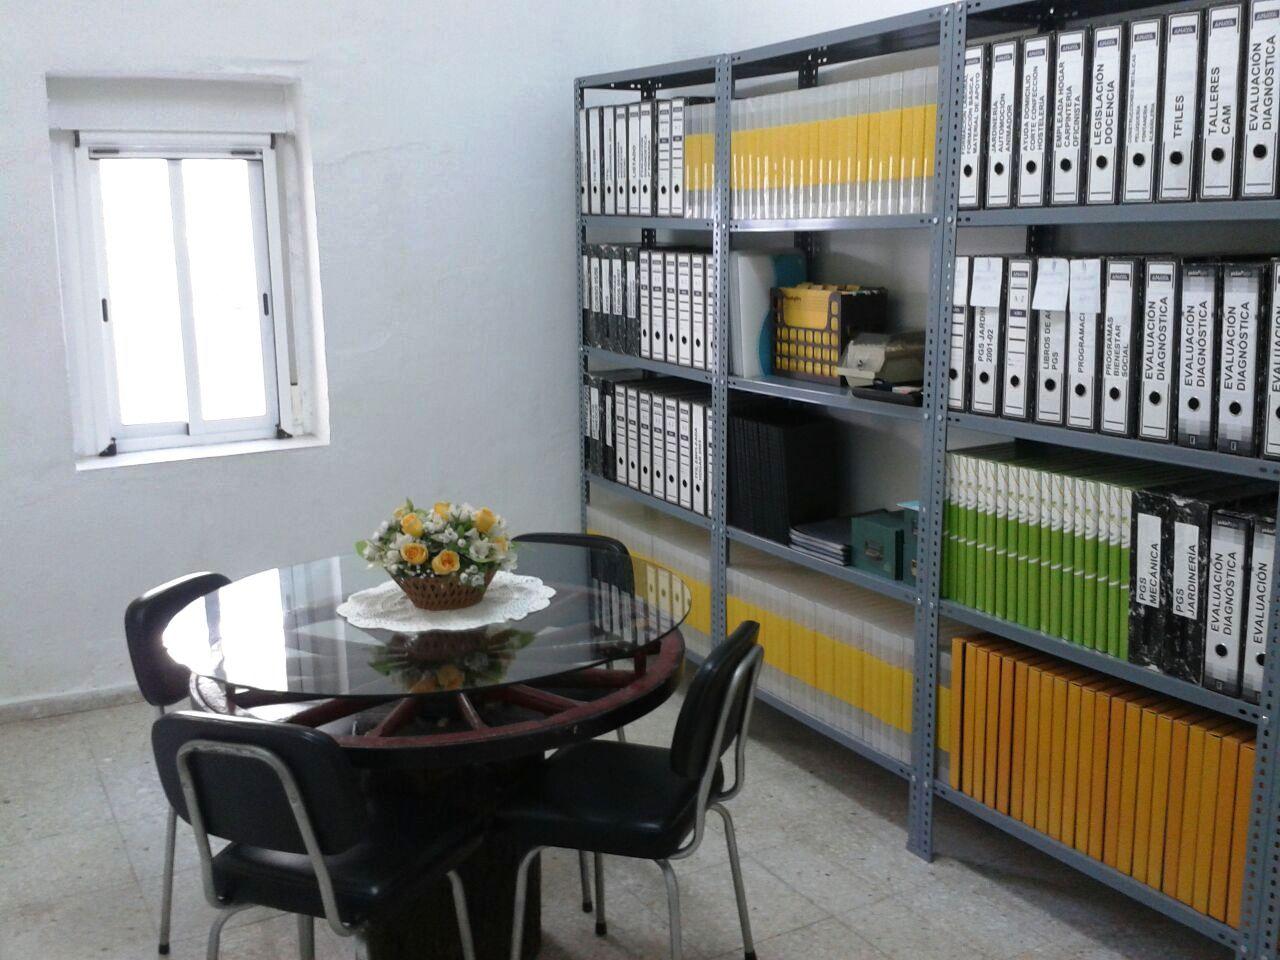 Estanterias Metalicas Oficina.Estanterias Metalicas Pintadas En Blanco Y Gris